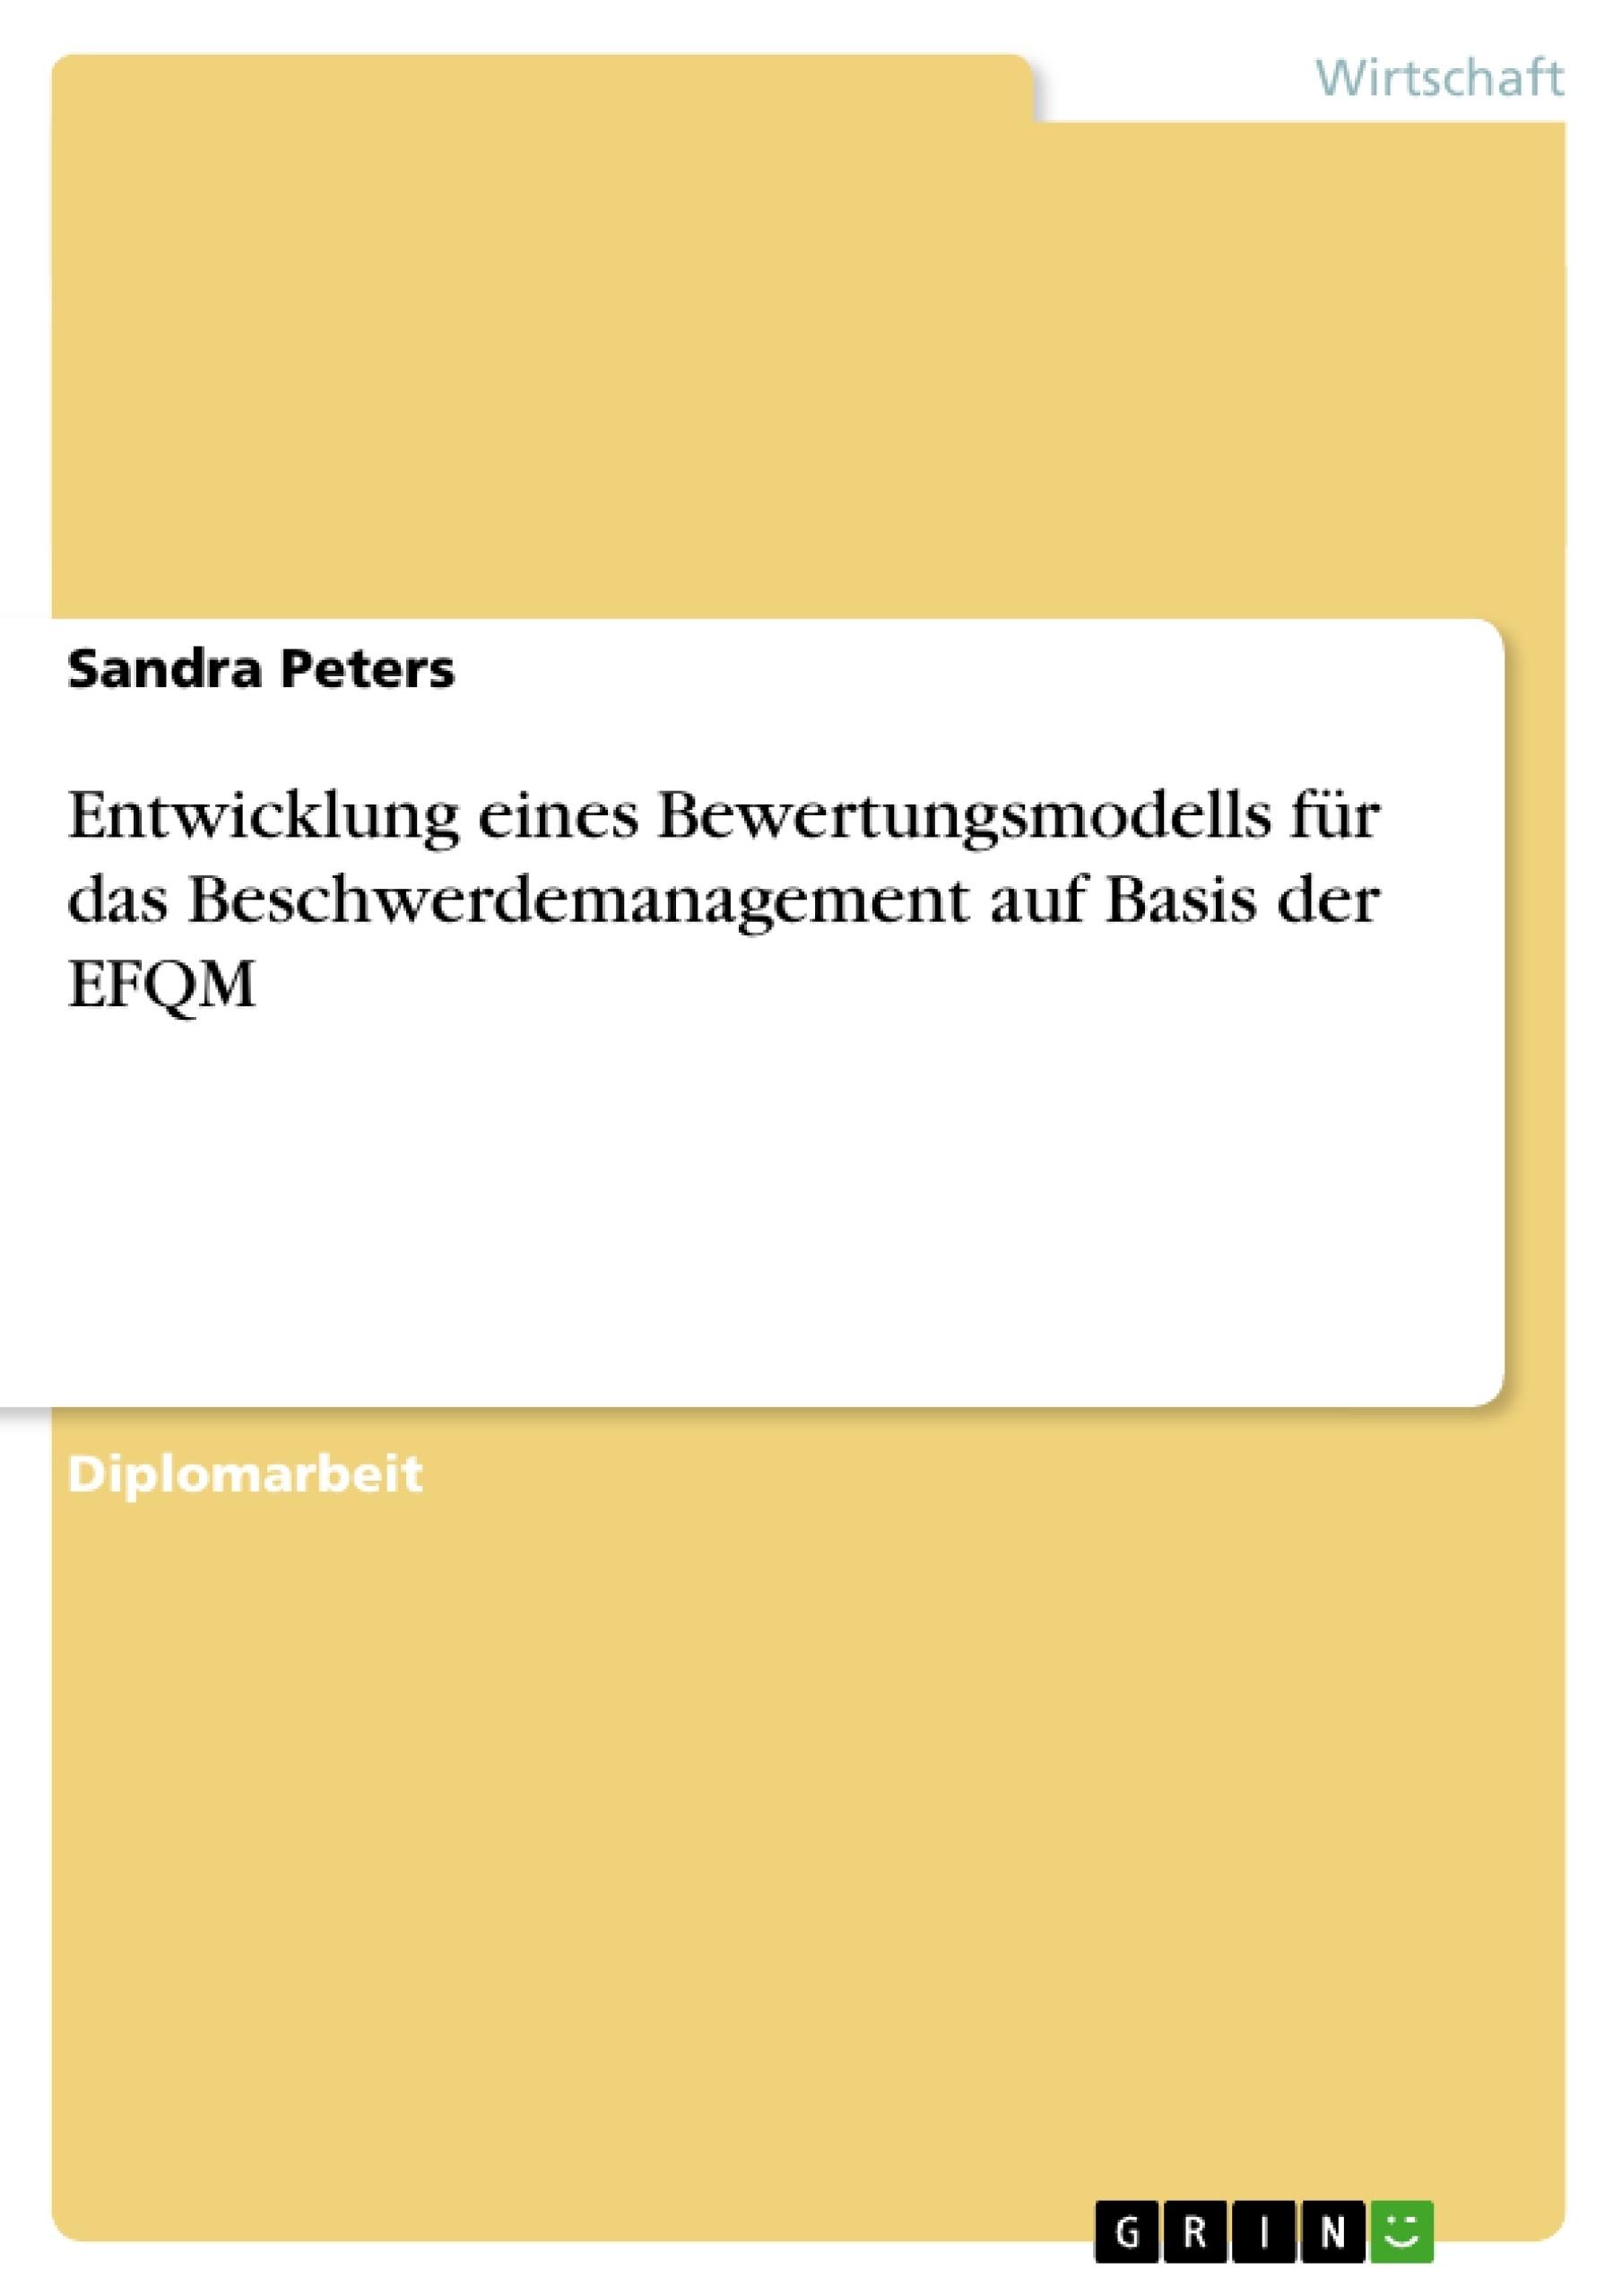 Titel: Entwicklung eines Bewertungsmodells für das Beschwerdemanagement auf Basis der EFQM